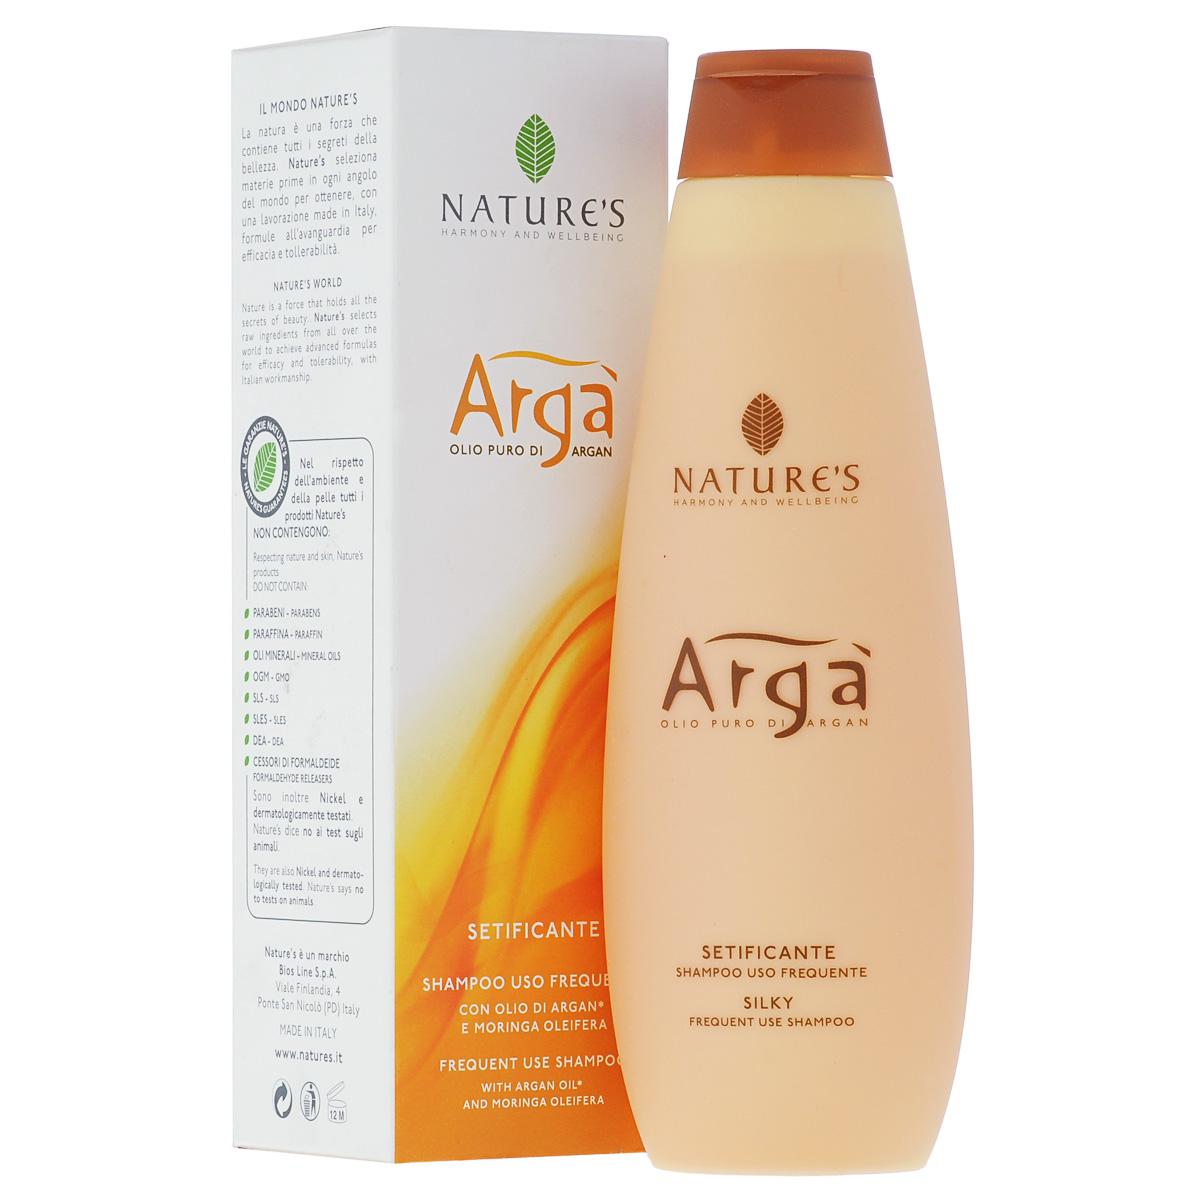 Шампунь Natures Arga, для частого использования, 200 мл81601061Шампунь Natures Arga рекомендуется для ухода за поврежденными, слабыми, тонкими волосами. Шампунь обладает восстанавливающим, антистрессовым эффектом. Питает, увлажняет, наполняет волосы силой, оставляя их мягкими, шелковистыми и сияющими. Тонизирует и успокаивает кожу головы. Благодаря эфирному маслу лицеи, придает приятное ощущение свежести и благополучия. Предназначен для частого использования.Характеристики:Объем: 200 мл.Производитель: Италия. Артикул:60150903. Товар сертифицирован.